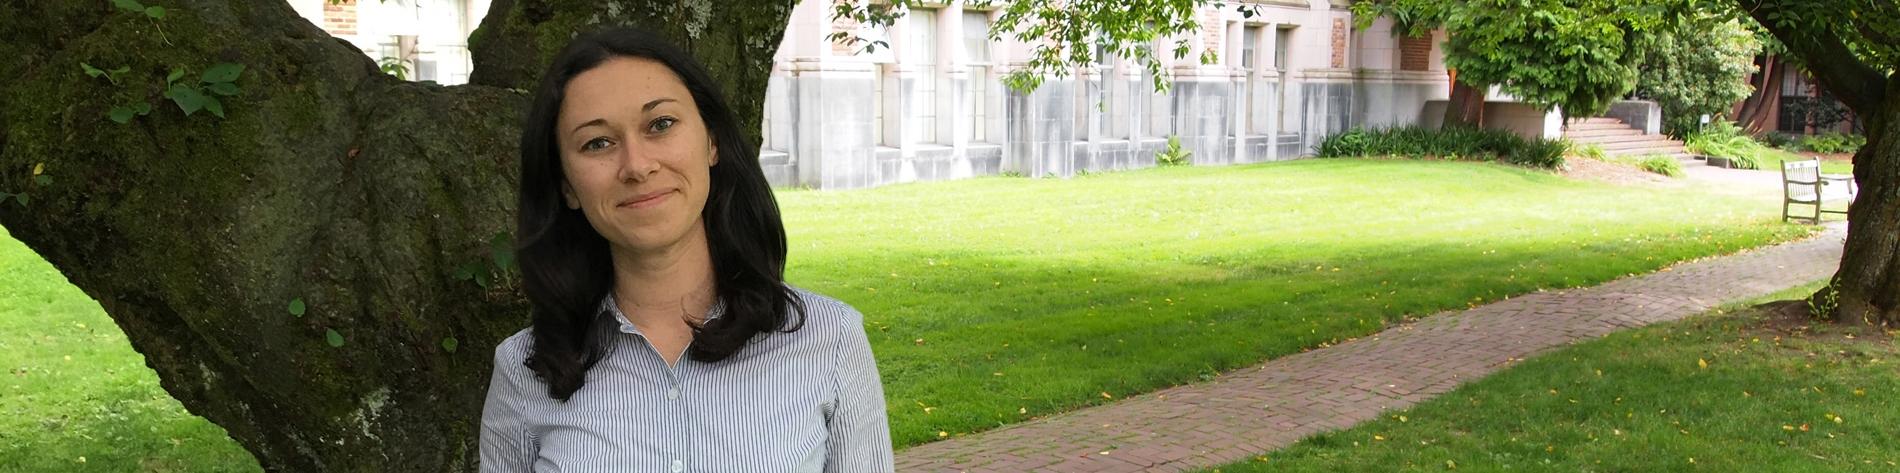 Rachel Arteaga